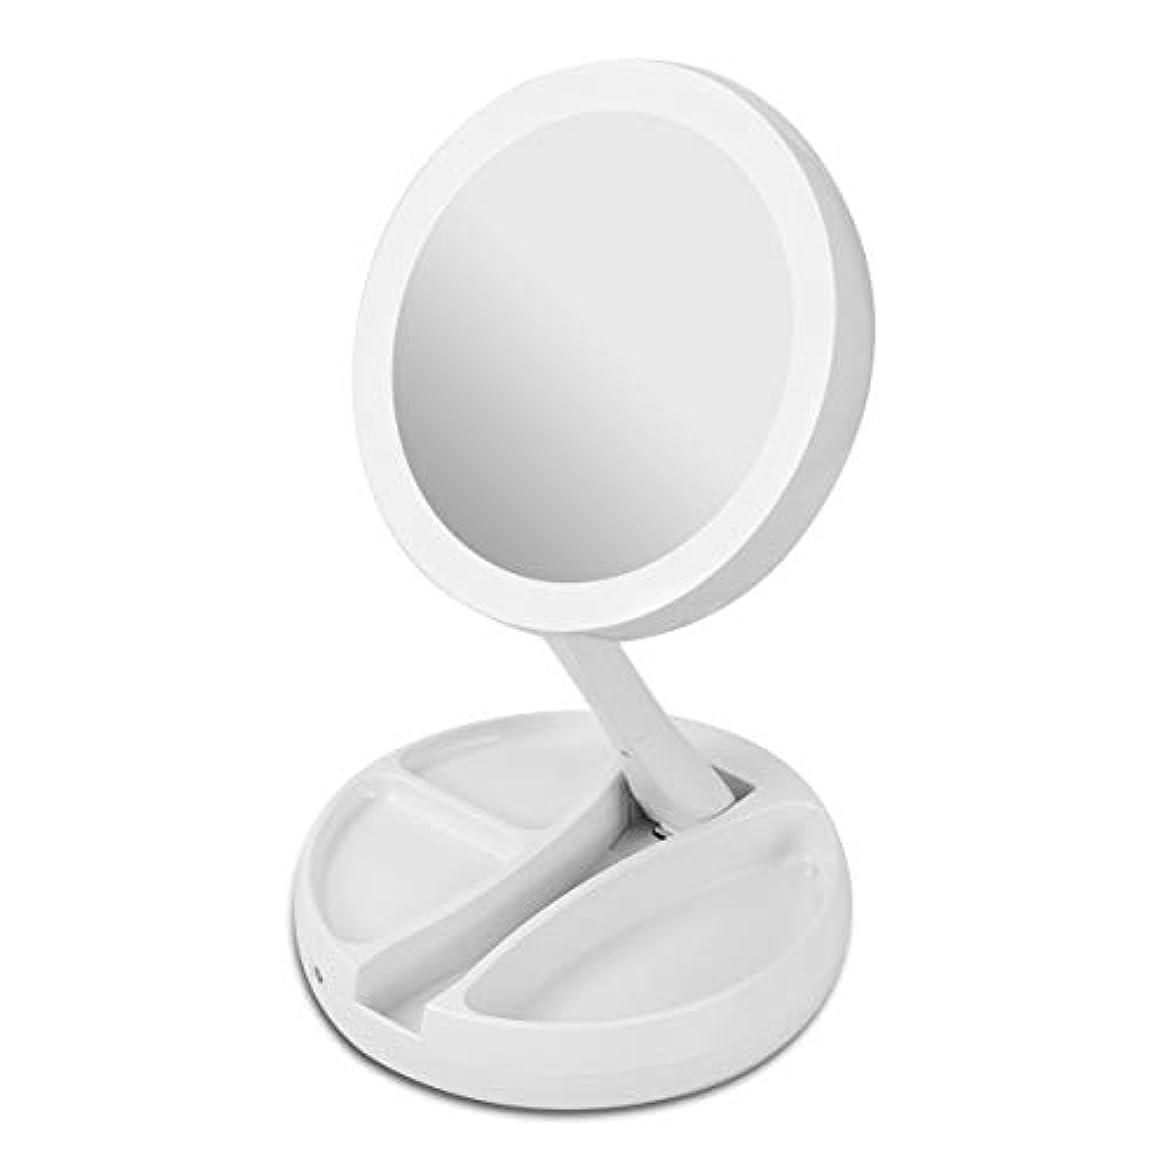 パシフィック太陽数字化粧鏡 卓上 拡大鏡 等倍と10倍拡大鏡 led ライト付き 折りたたみ式 化粧用鏡 両面鏡 360°回転 高さ調整可 USB/電池給電 収納便利 化粧ミラー 卓上鏡